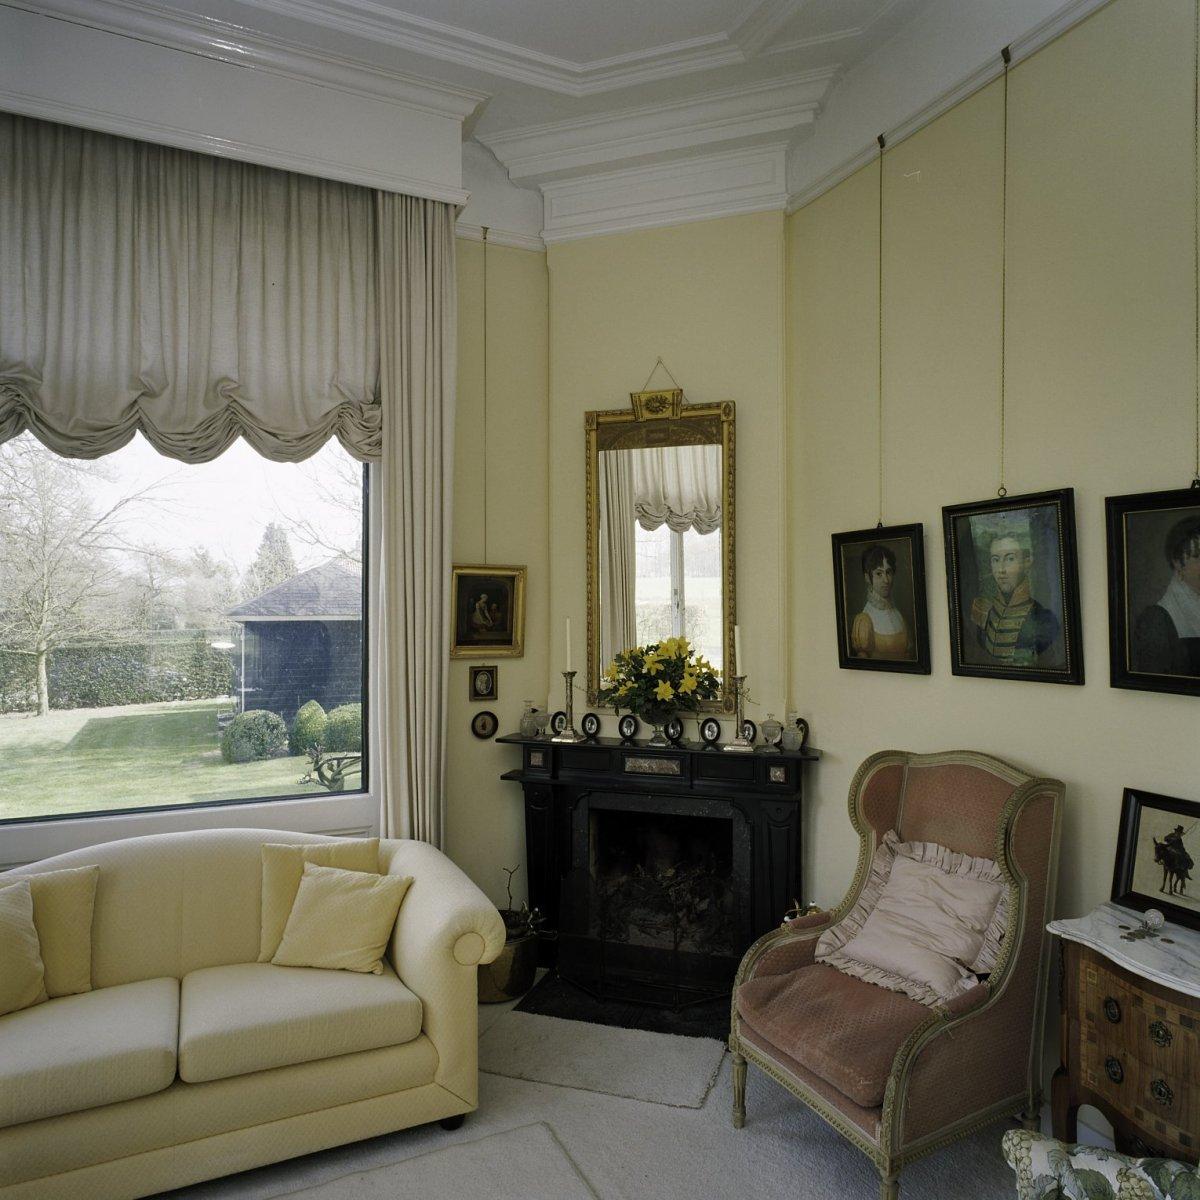 File interieur woonkamer met schoorsteenmantel borculo for Interieur woonkamer